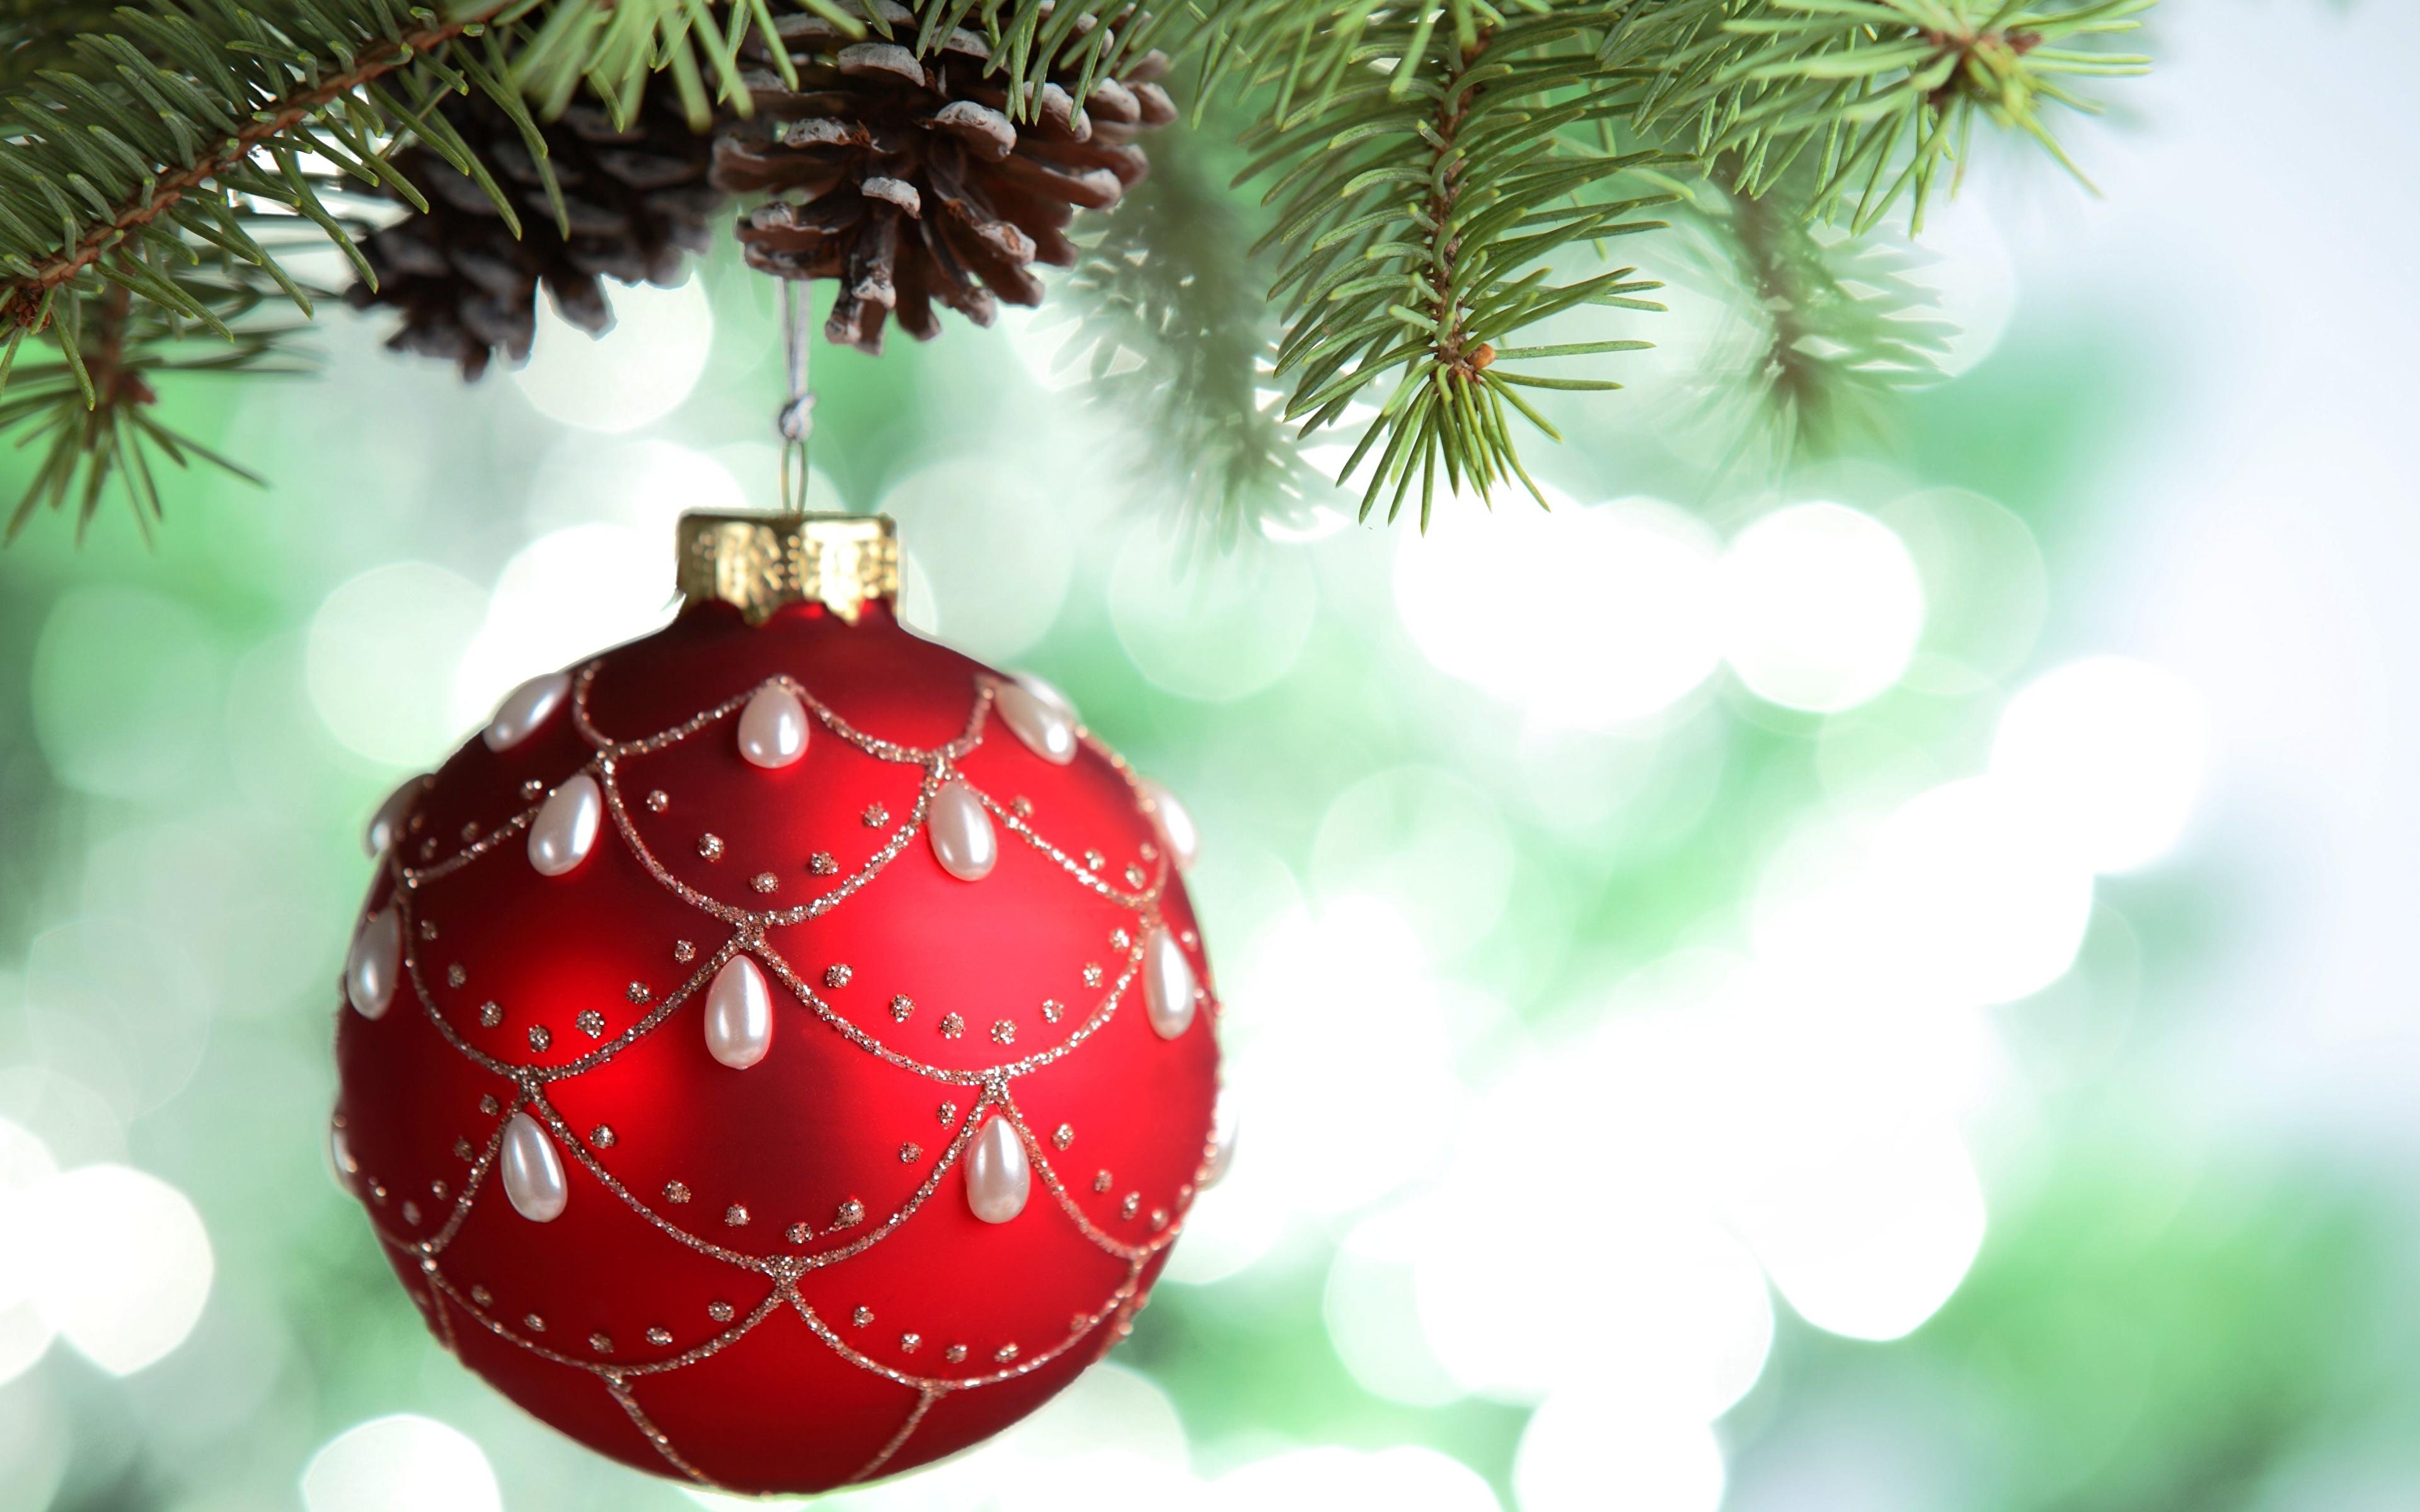 Weihnachtsbaum Ast.Fotos Neujahr Weihnachtsbaum Ast Kugeln Zapfen Feiertage 3840x2400